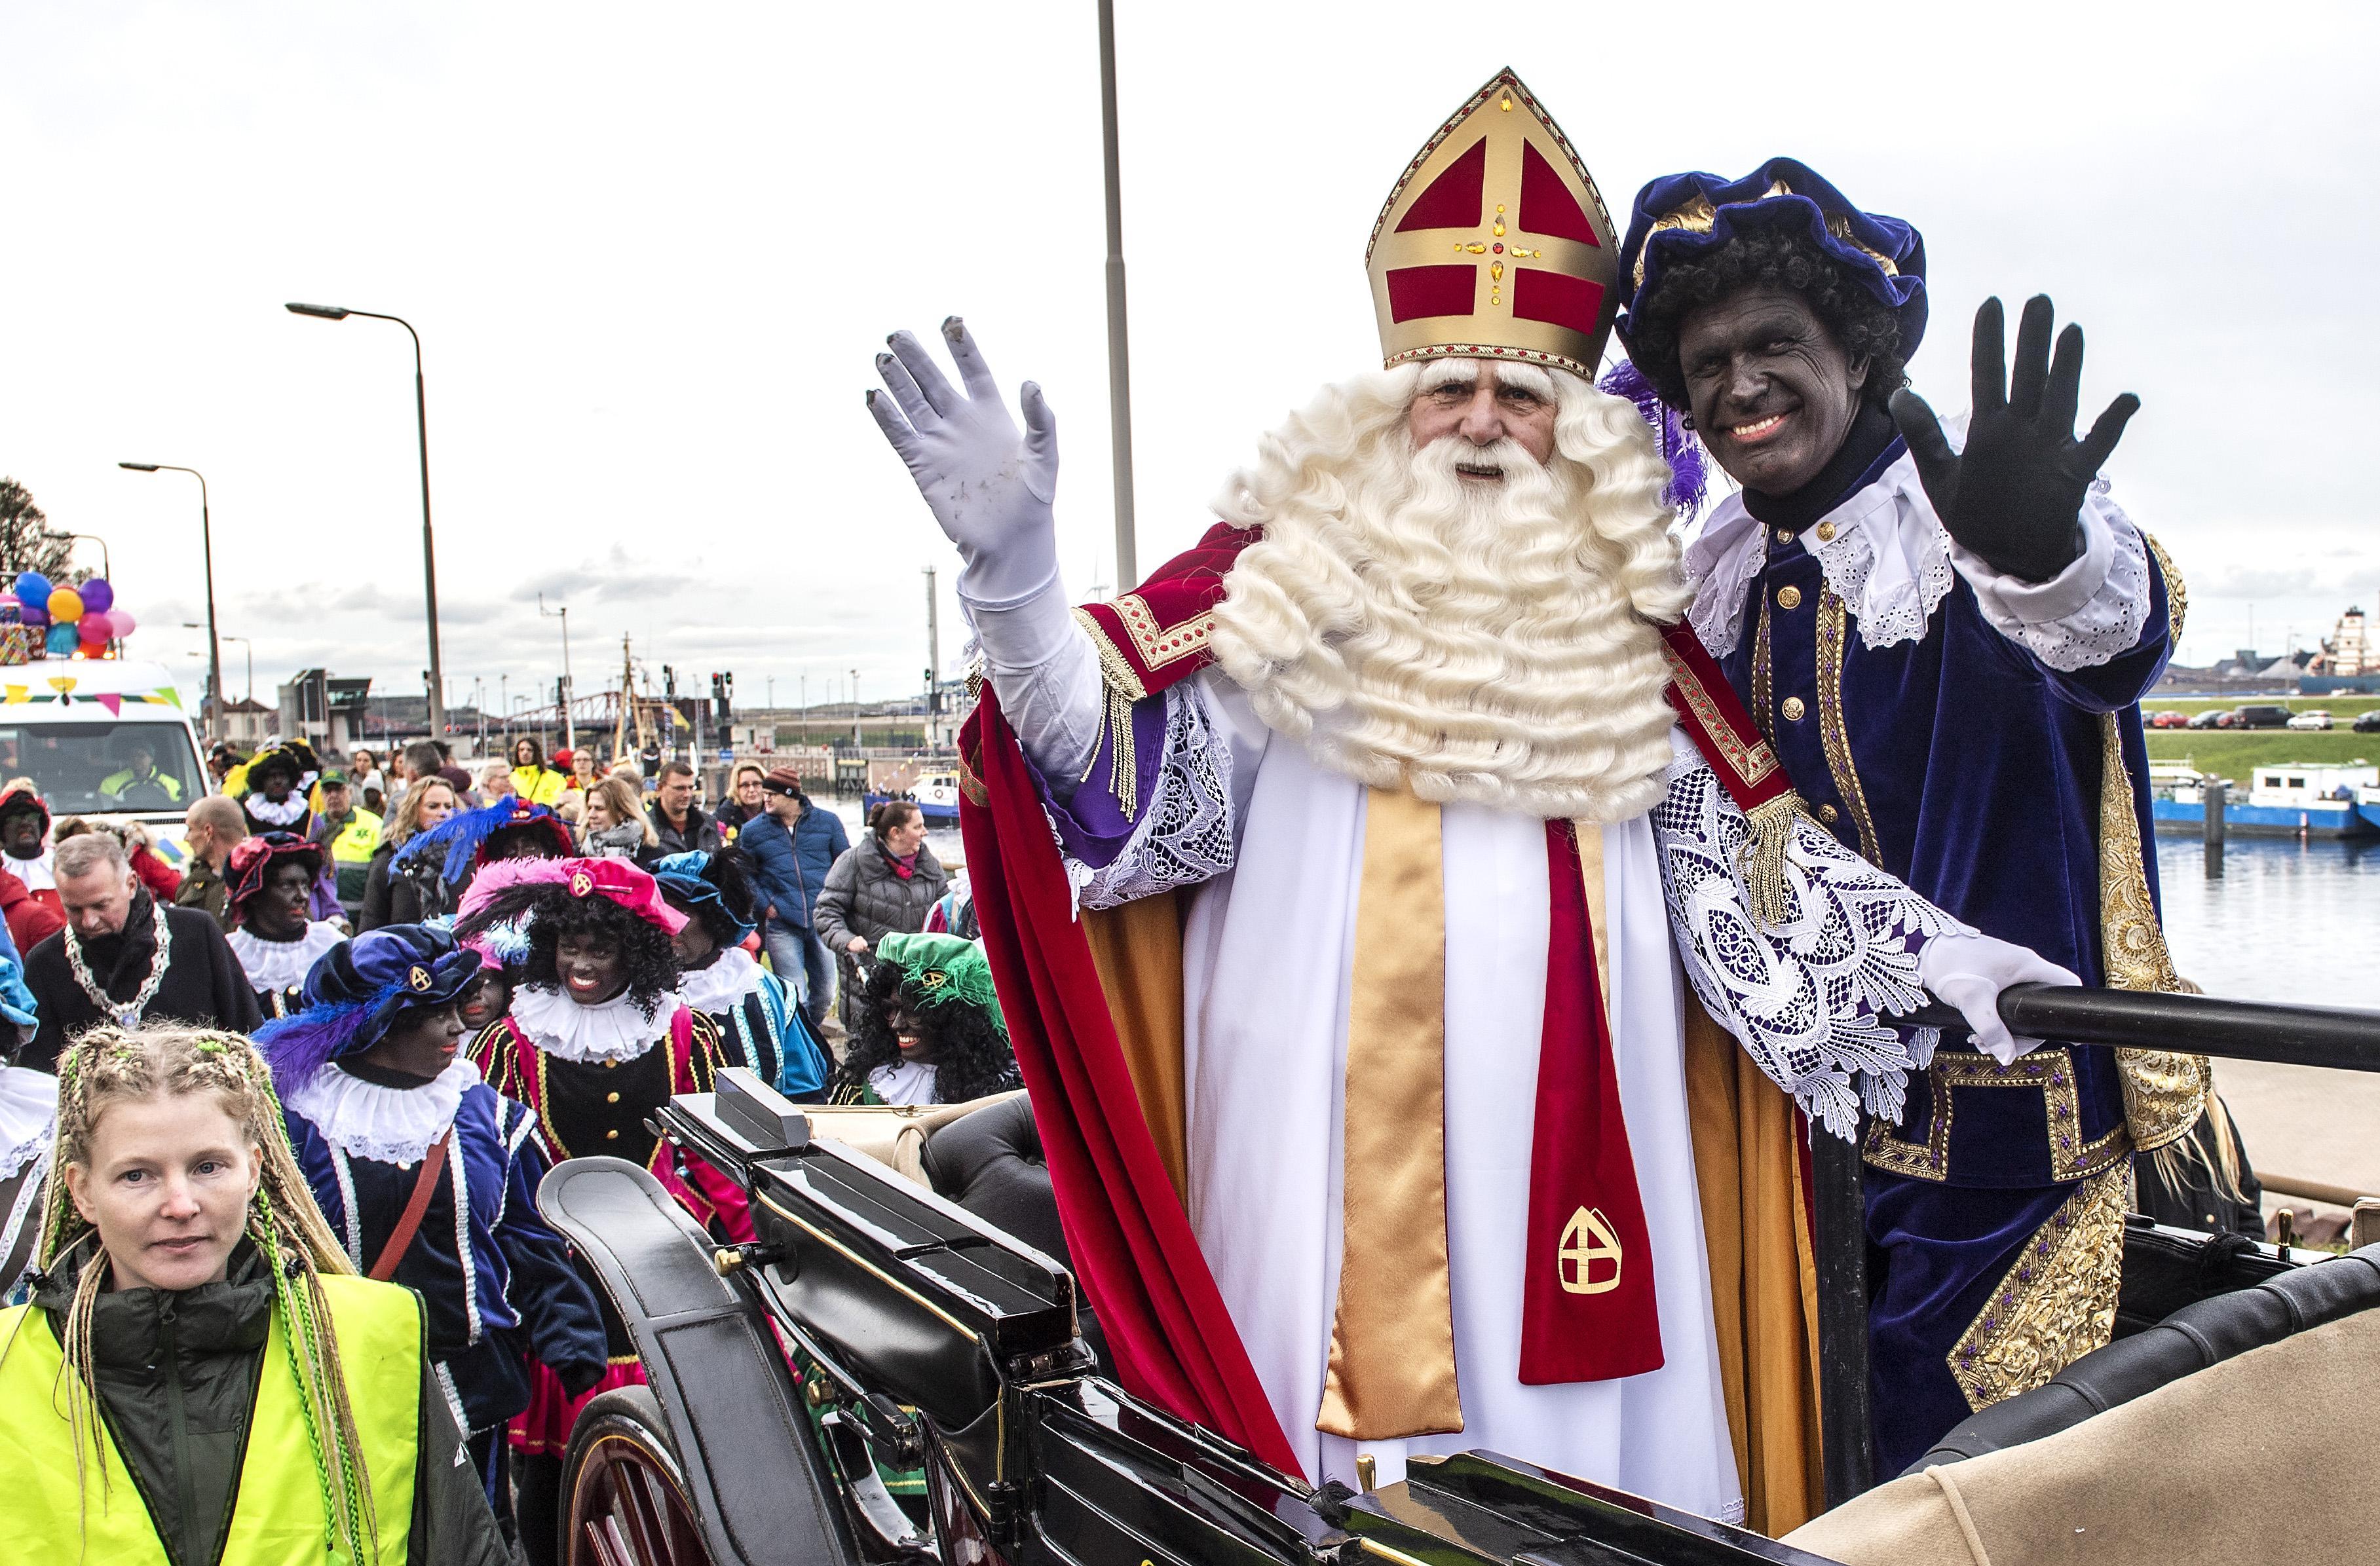 Sinterklaas in IJmuiden mist de optocht, maar veiligheid gaat voor: 'Alles komt weer goed en het sinterklaasfeest kan doorgaan'